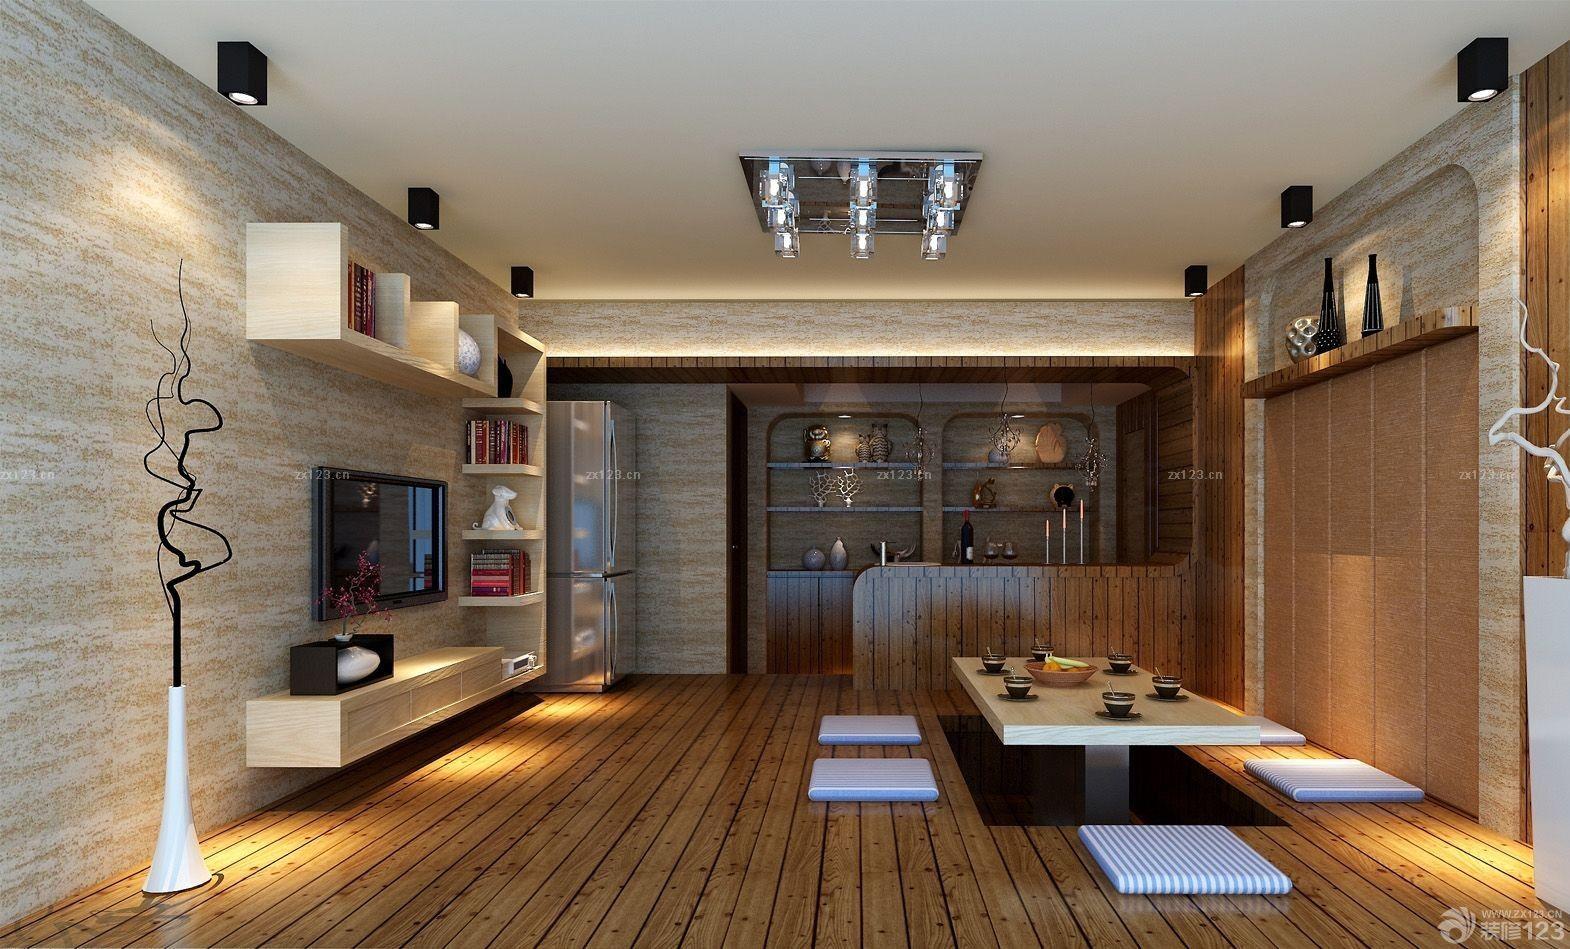 日式风格家居室内餐厅装修效果图